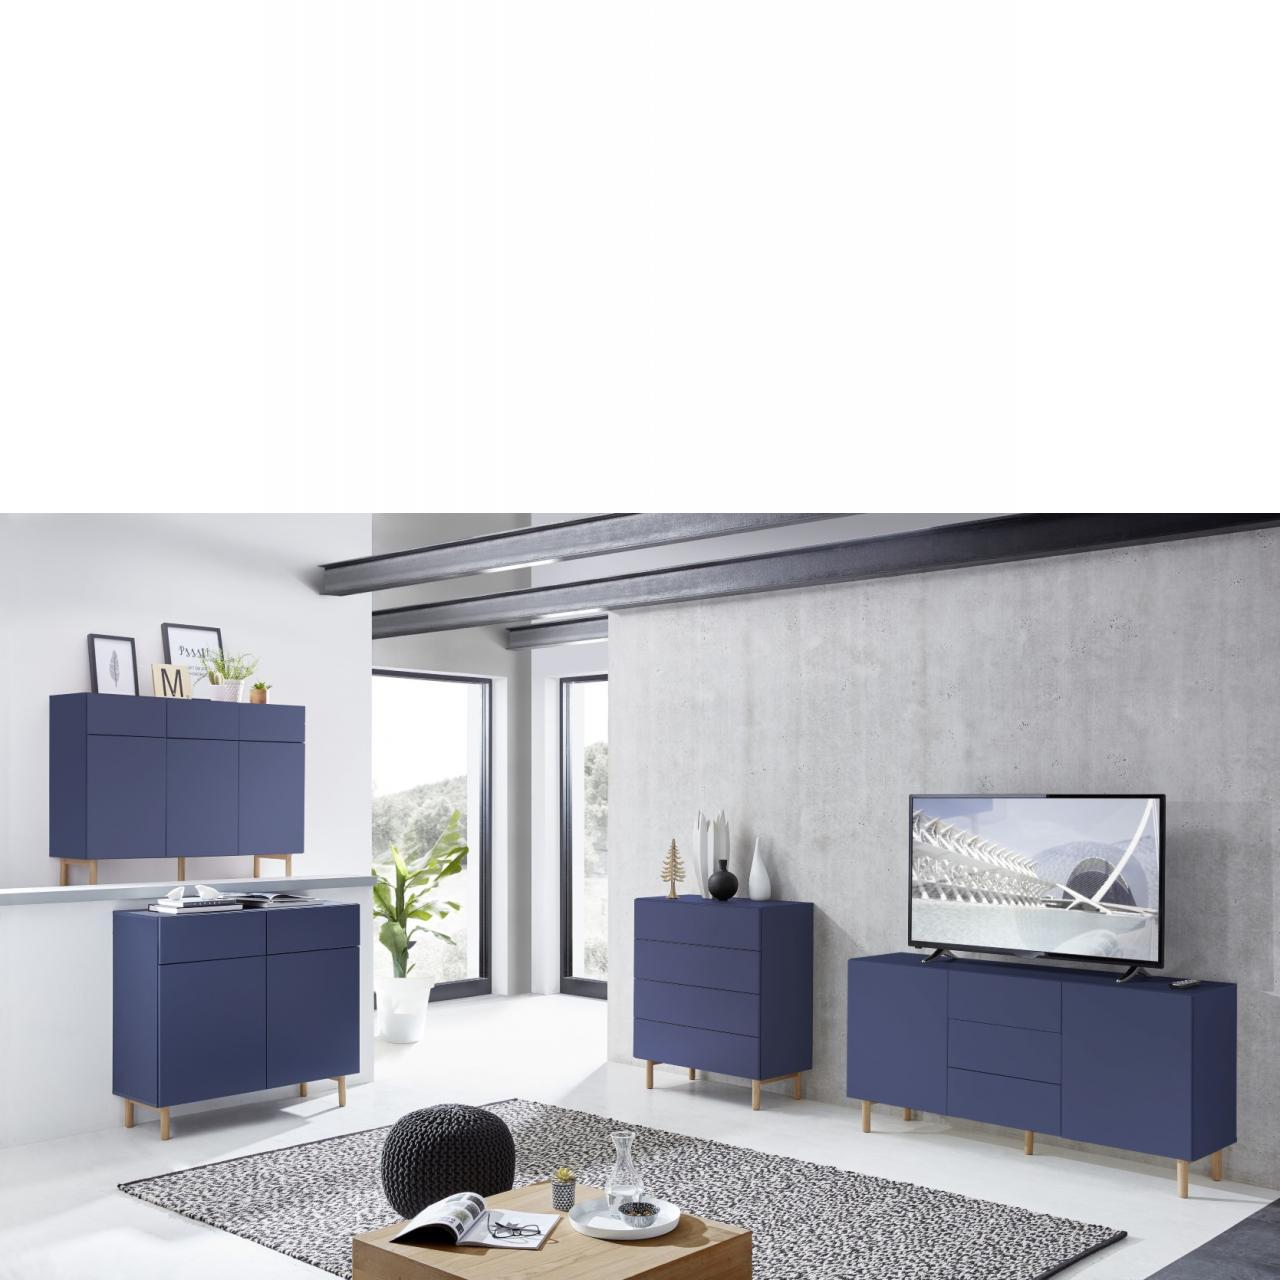 kommode k2 blau kommoden wohnzimmerm bel wohnen m bel j hnichen center gmbh. Black Bedroom Furniture Sets. Home Design Ideas